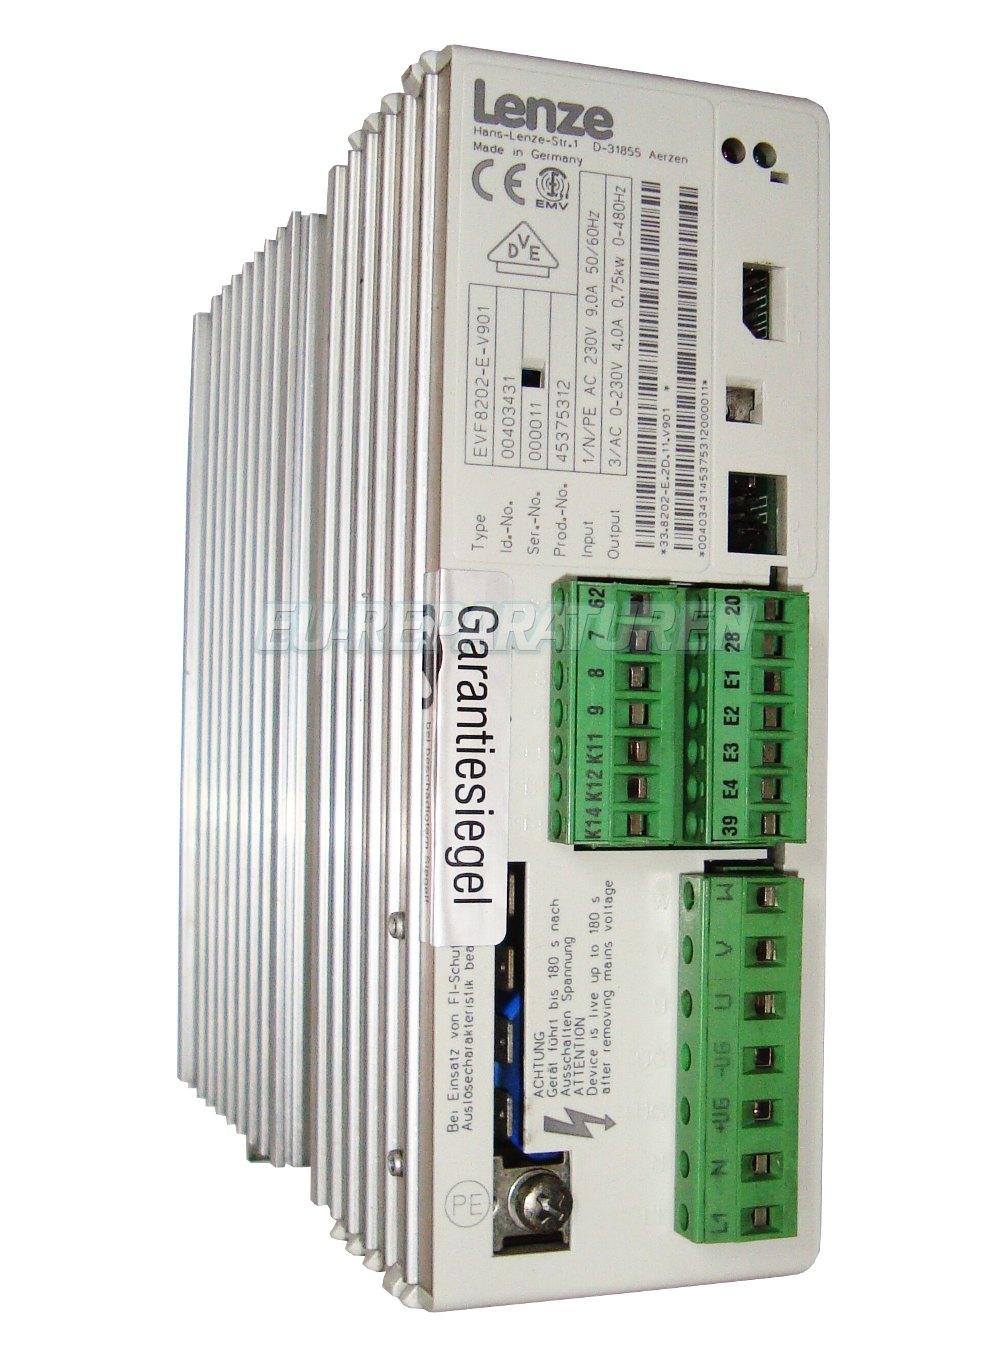 SHOP, Kaufen: LENZE EVF8202-E-V901 FREQUENZUMFORMER